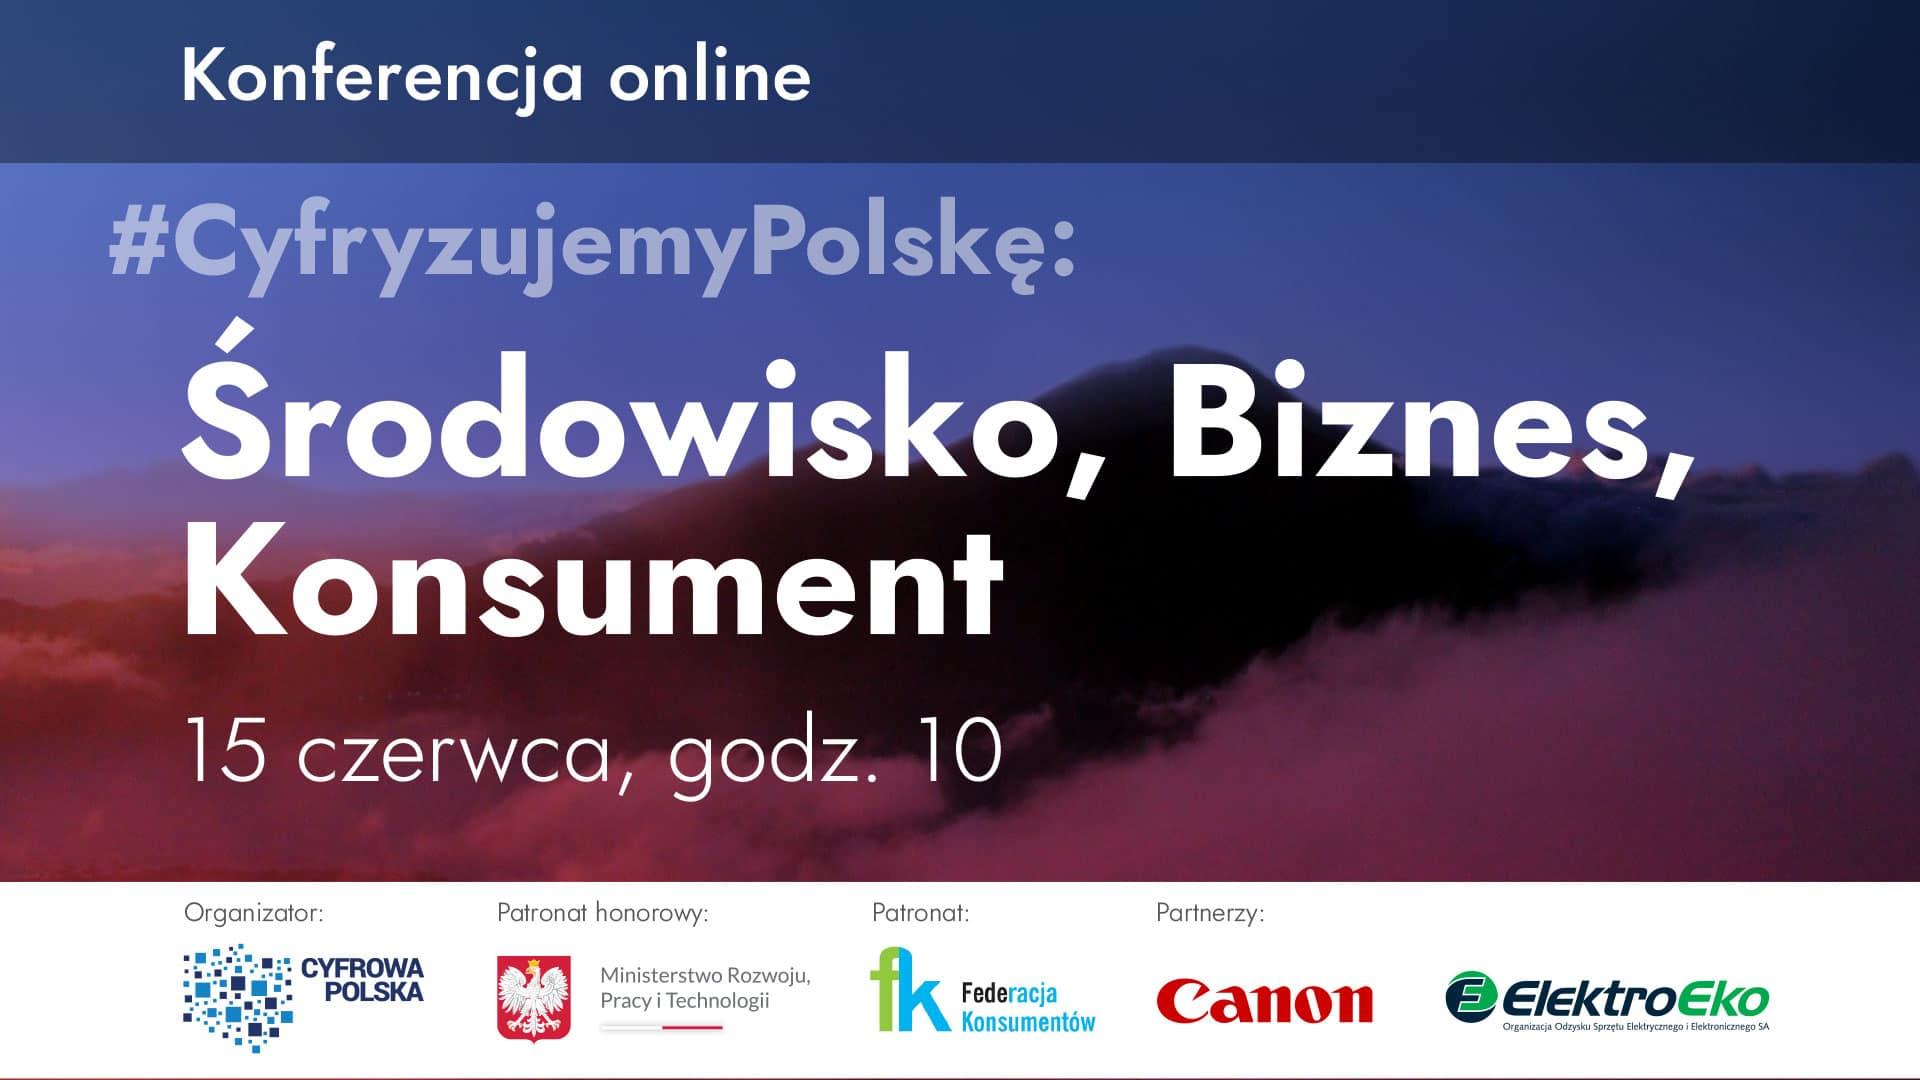 Zrównoważony rozwój w sektorze cyfrowym i nowych technologii tematem konferencji Cyfrowej Polski